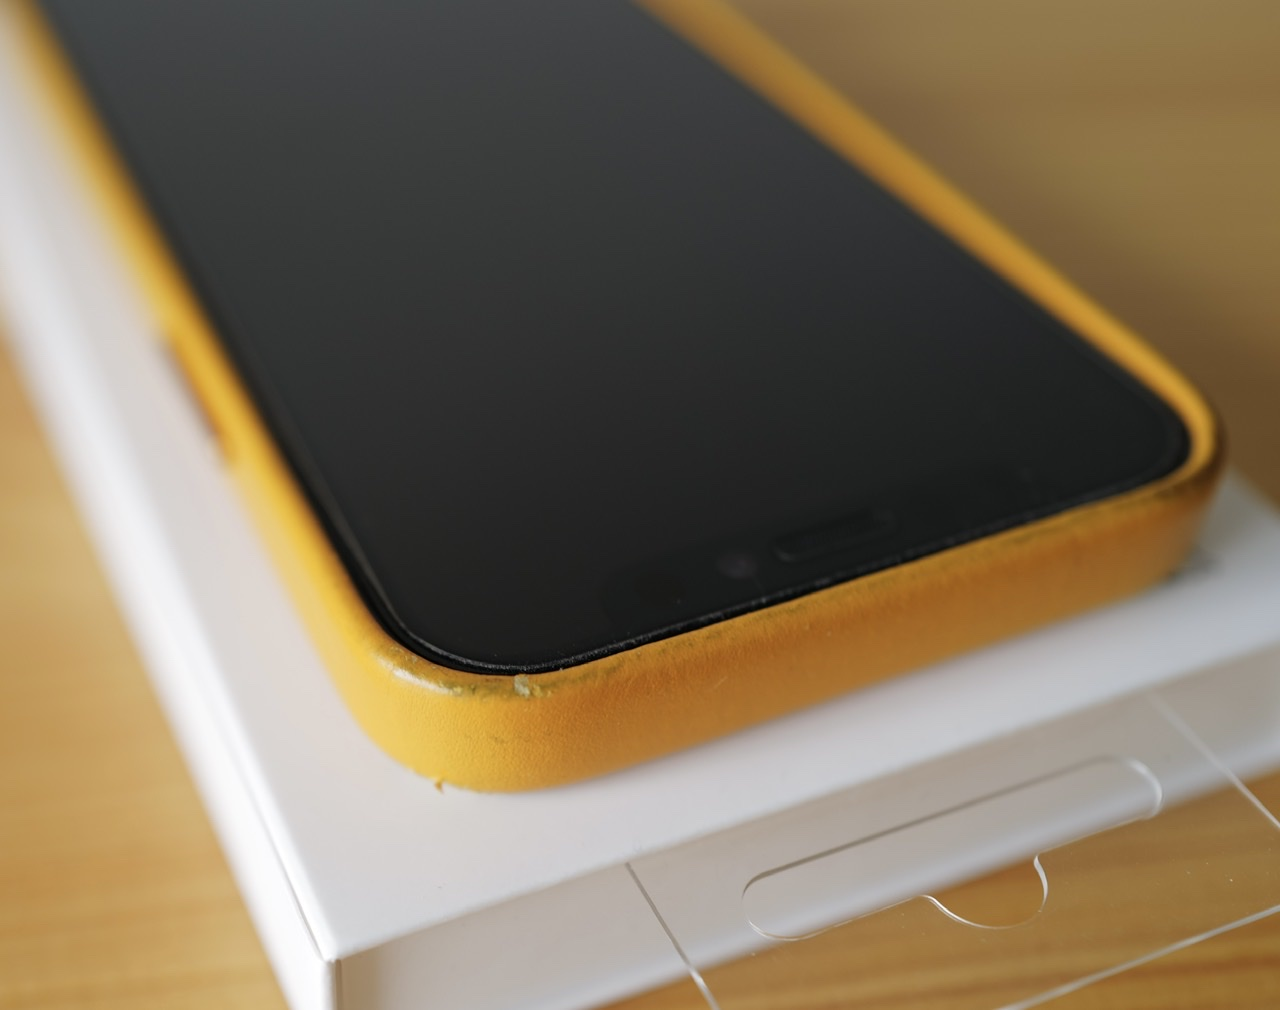 フロント側 iPhone 12 mini カリフォルニア